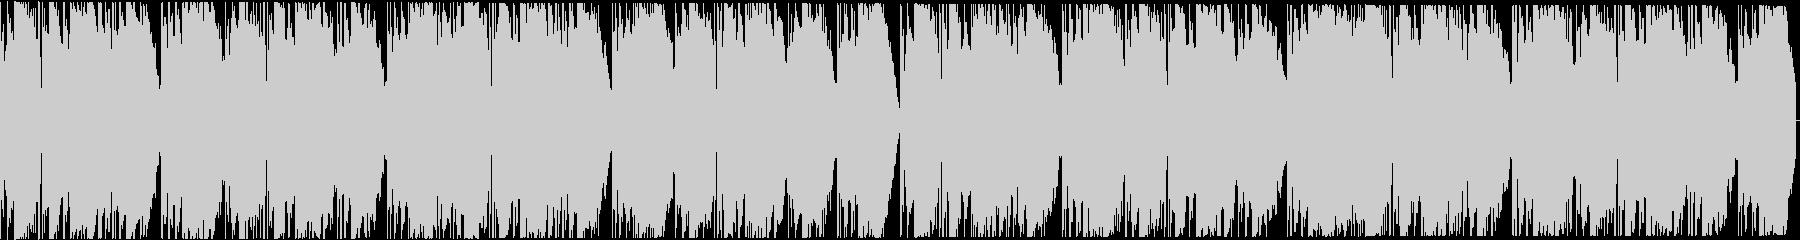 ダークなトラップビート16小節の未再生の波形